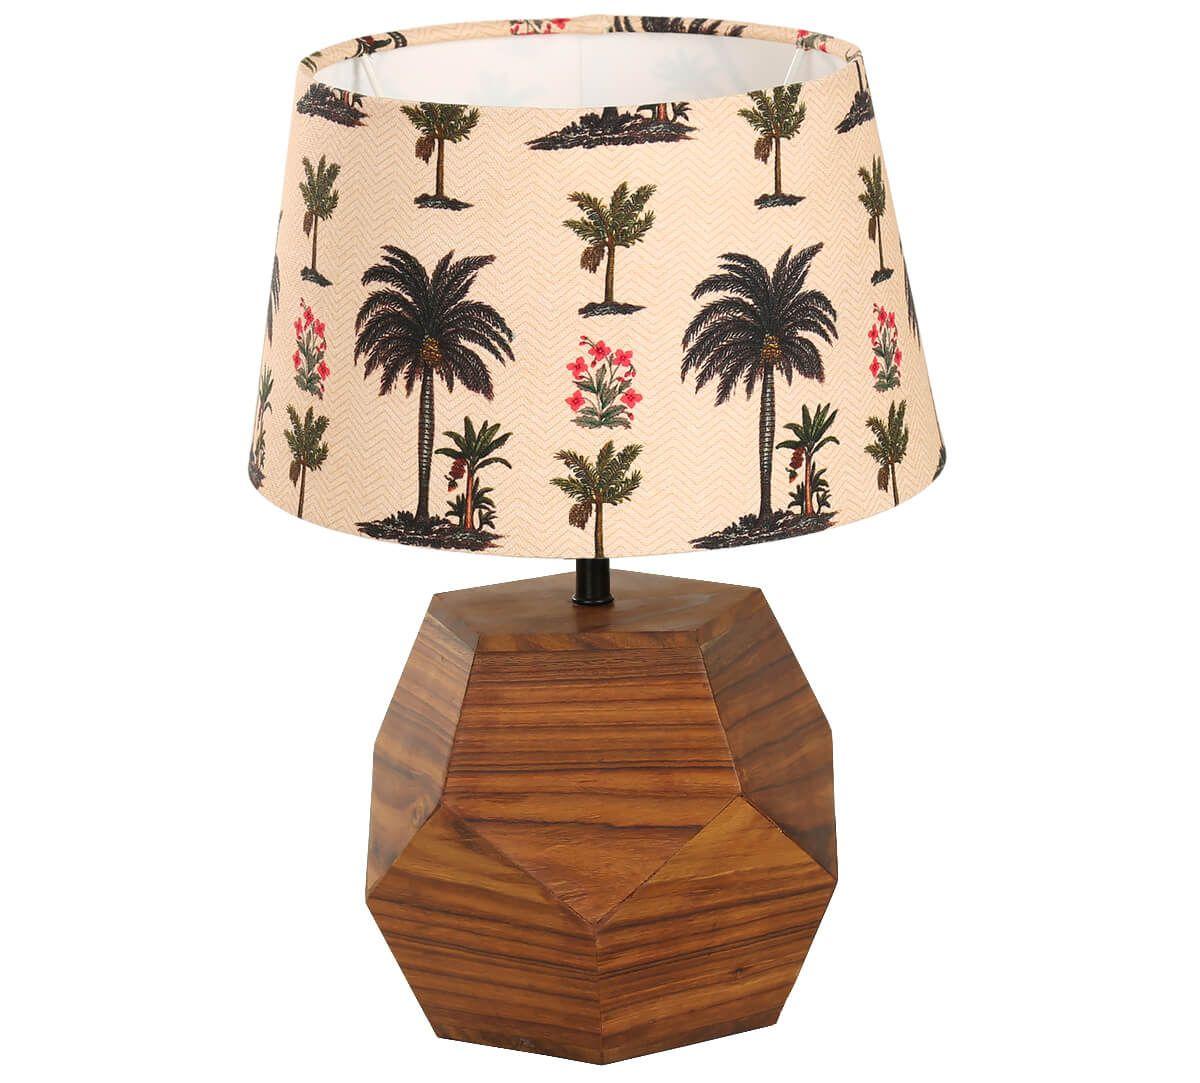 India Circus Chevron Palms Hexagonal Lamp Shade